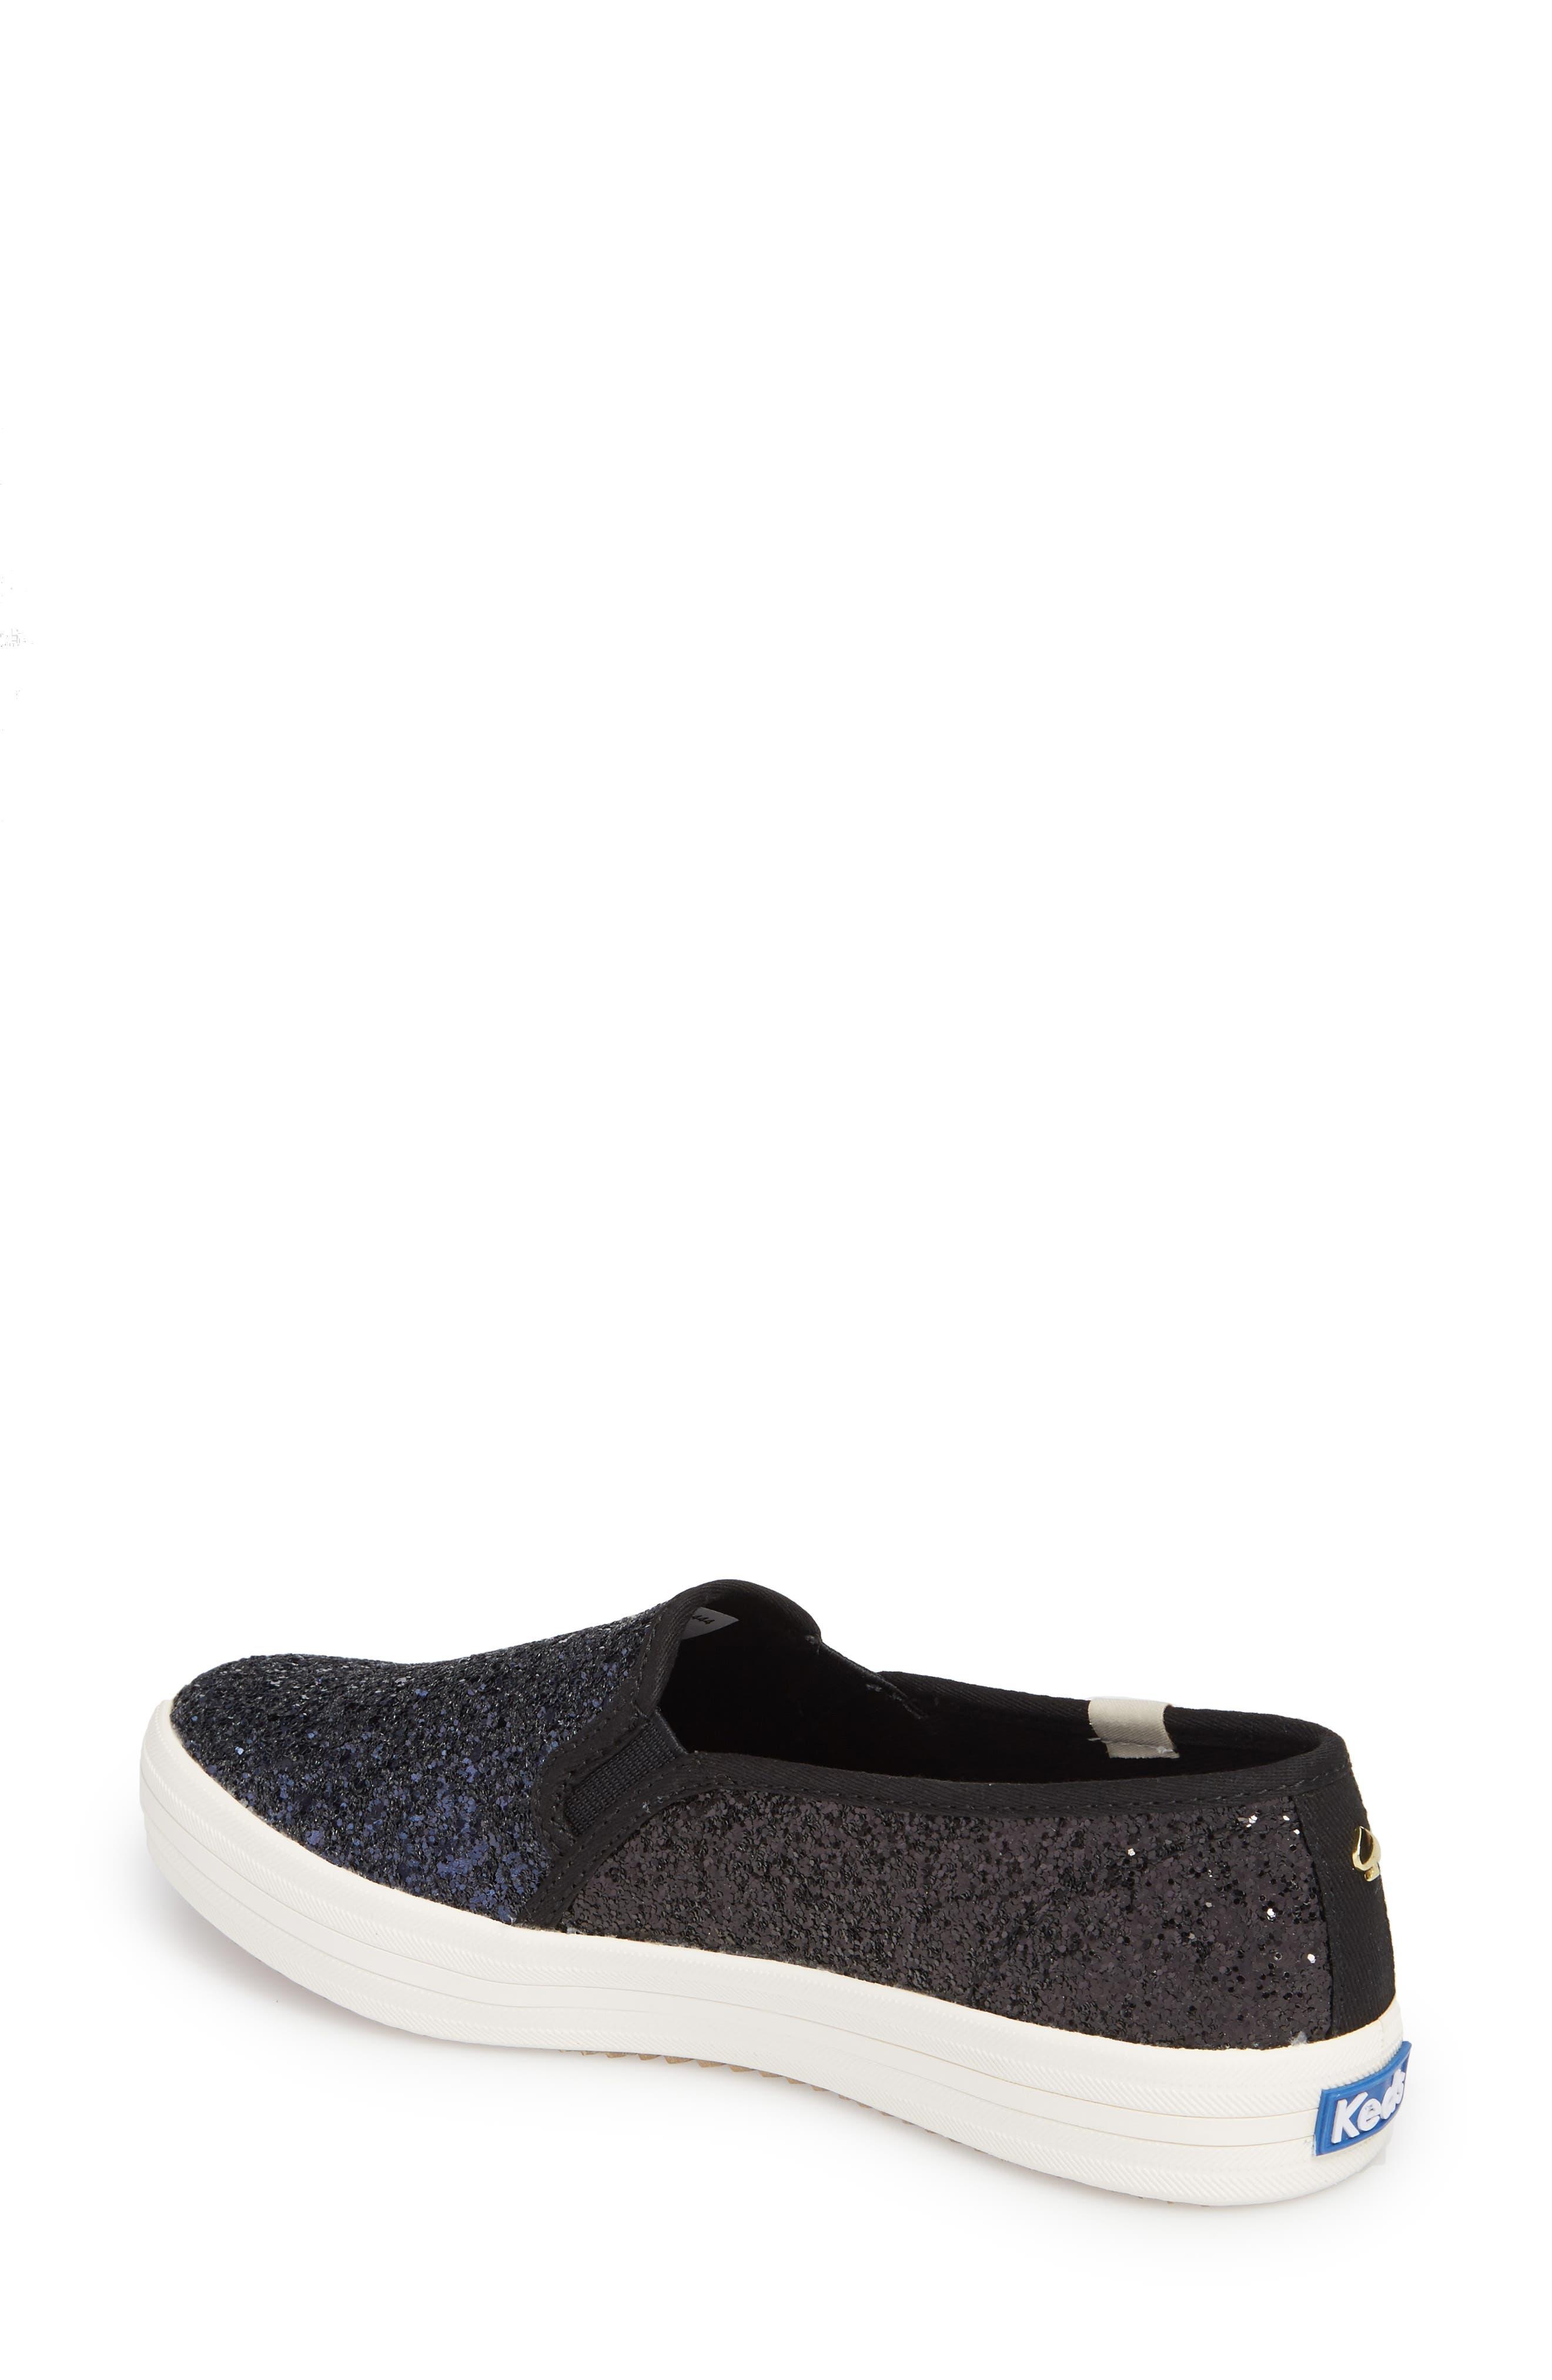 double decker glitter slip-on sneaker,                             Alternate thumbnail 2, color,                             410